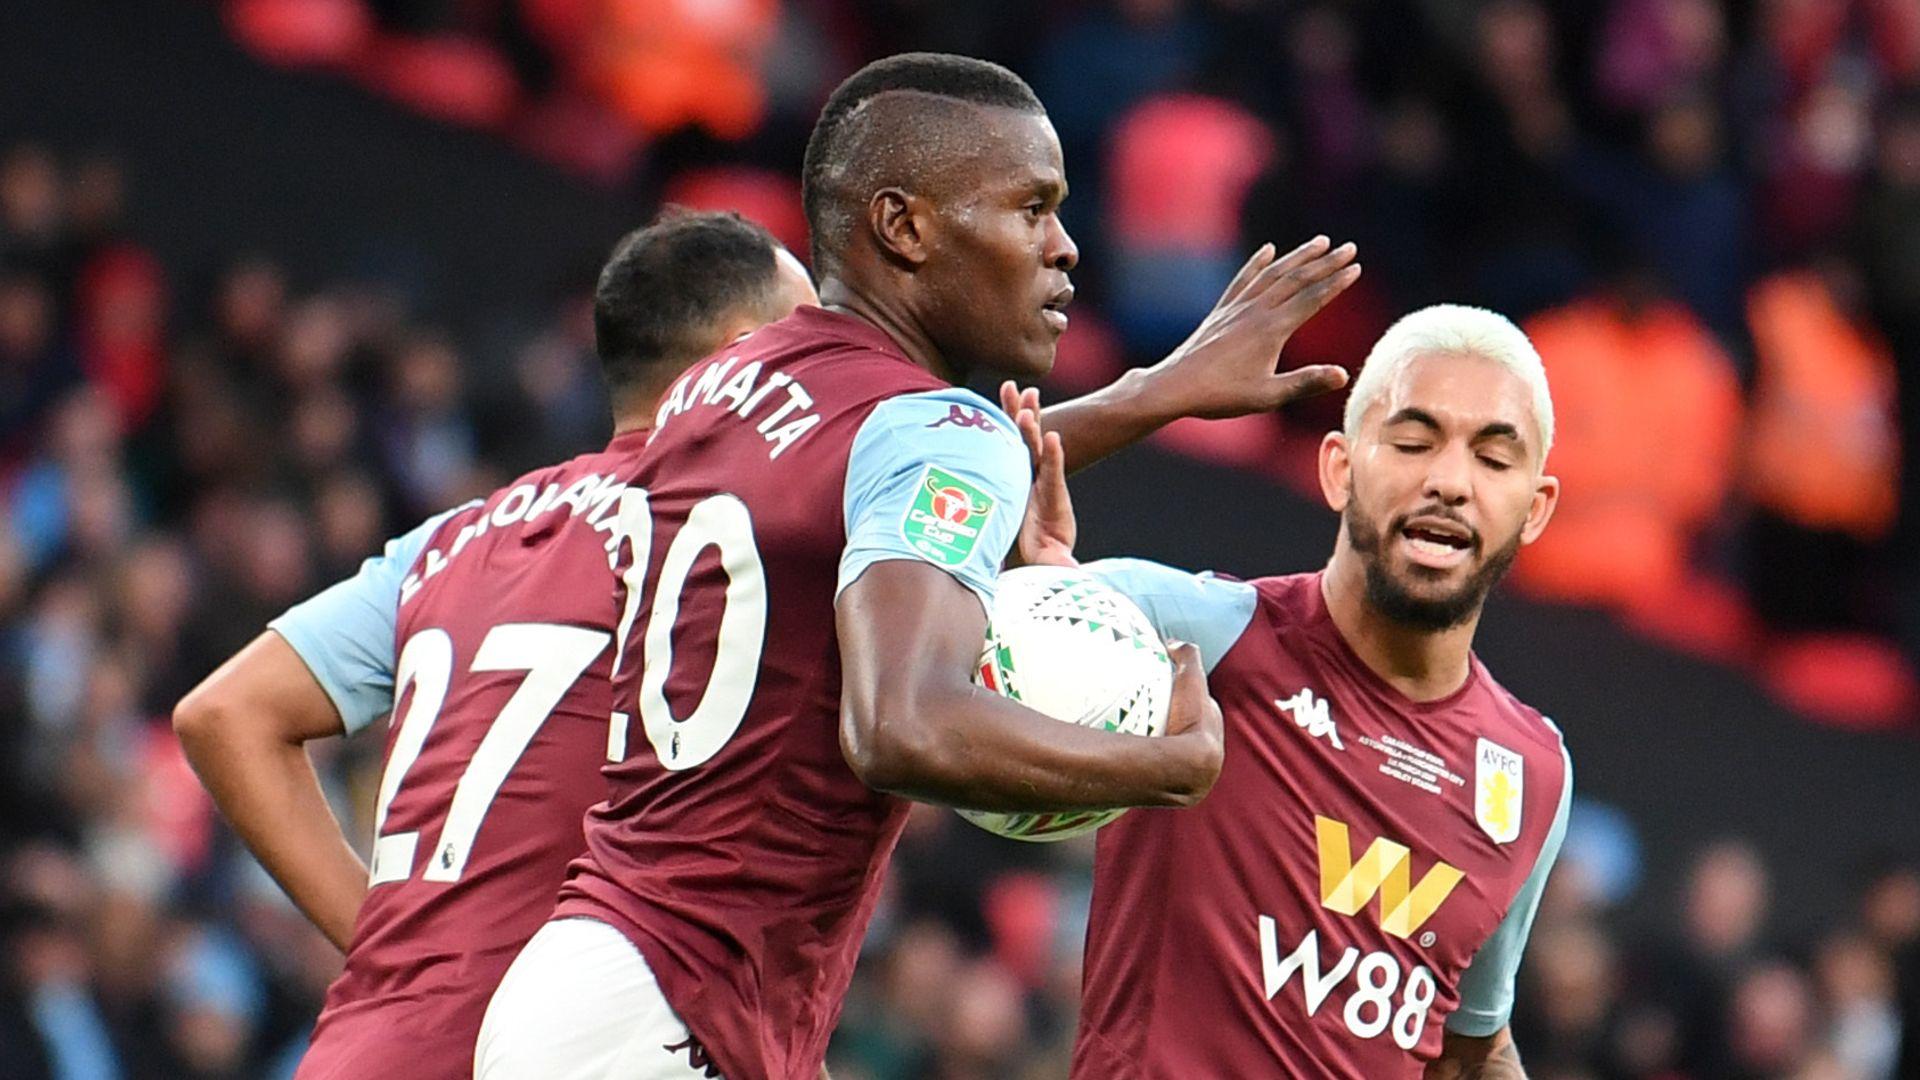 Aston Villa fixtures for Premier League return